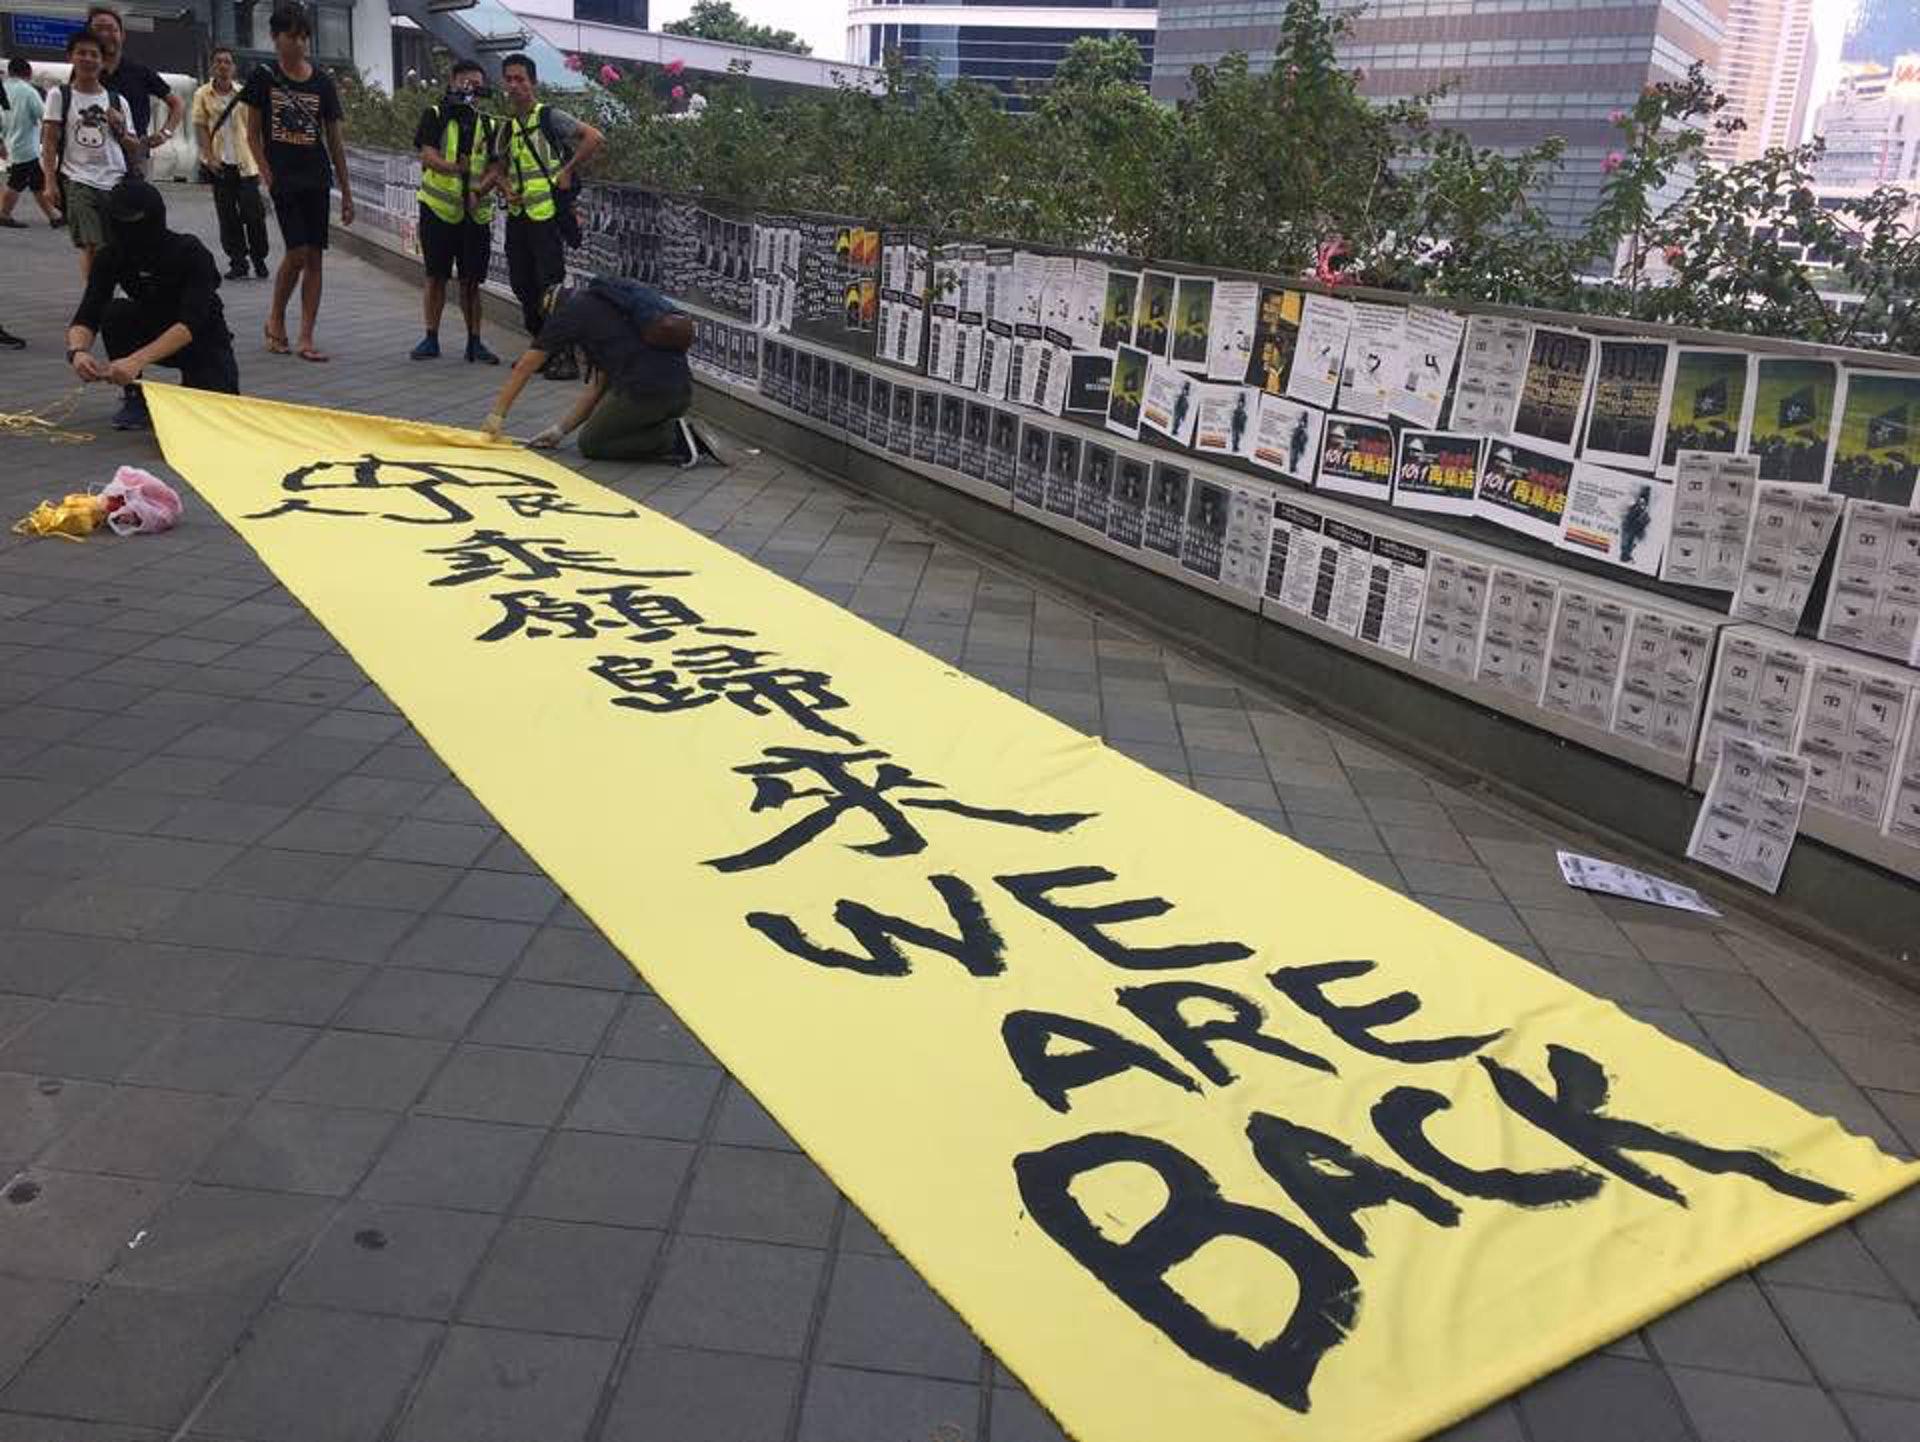 現場亦見到一張寫有「we are back」的大型直幡。(李偉欣攝)